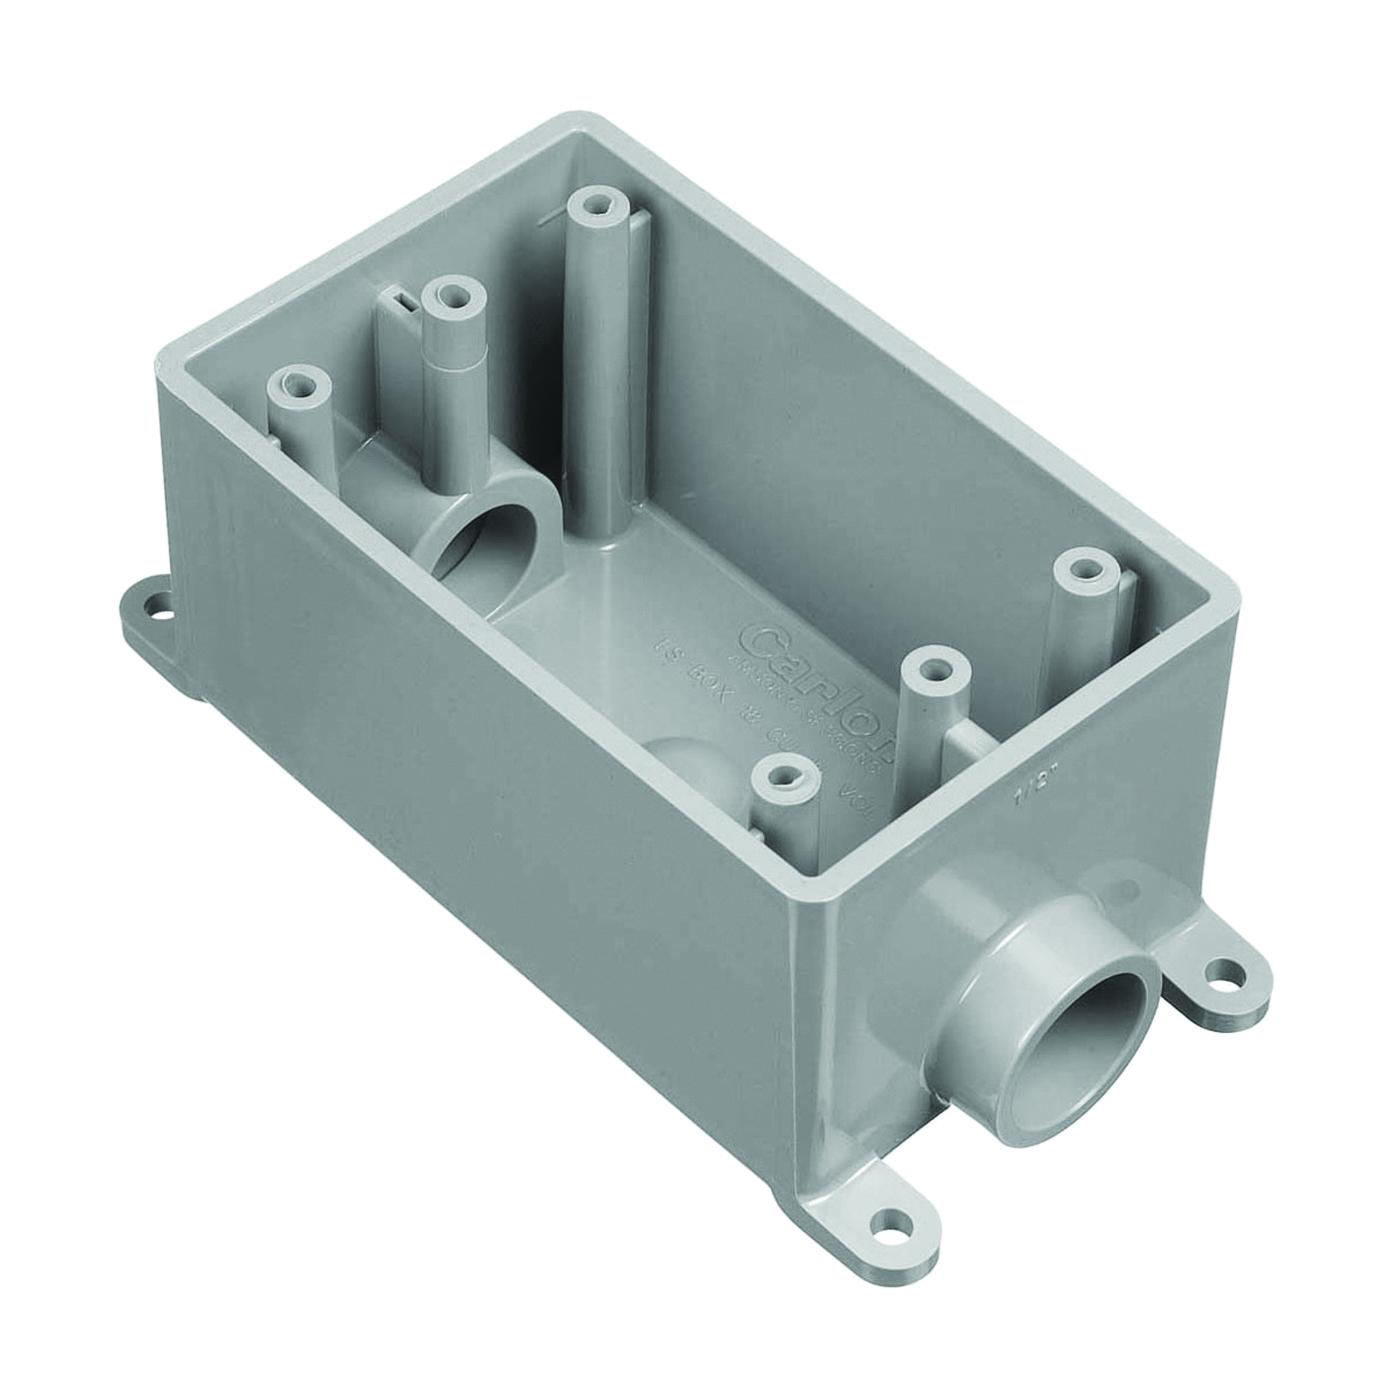 Picture of Carlon E981EFN-CTN Switch Box, 1-Gang, 2-Outlet, PVC, Gray